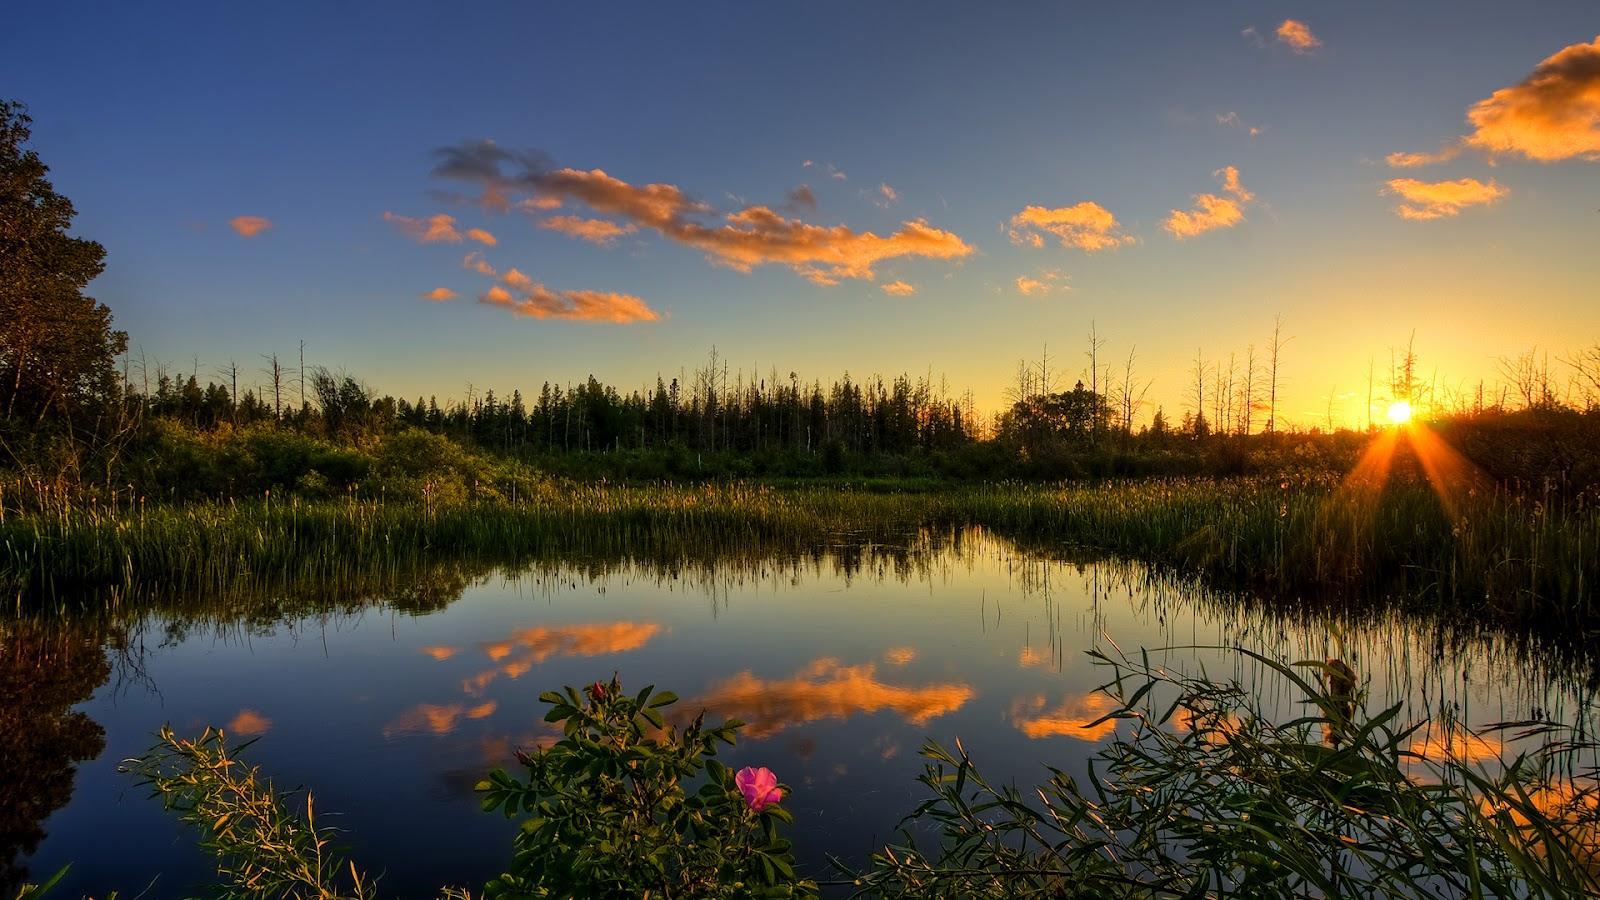 wallpaper proslut: Sun Ray Lake Full HD Nature Background Wallpaper